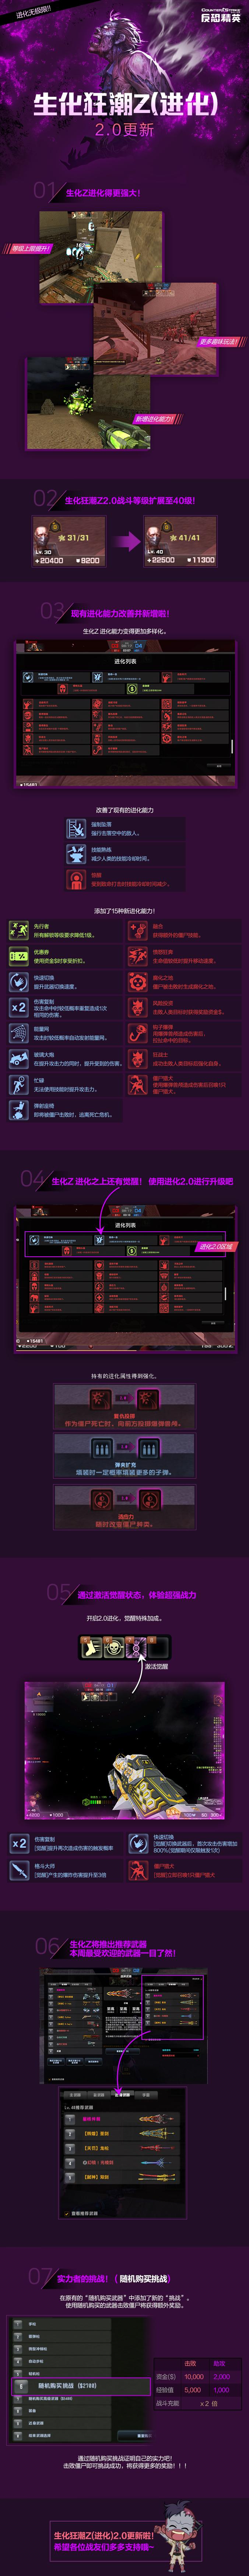 生化狂潮Z 2.0更新指南